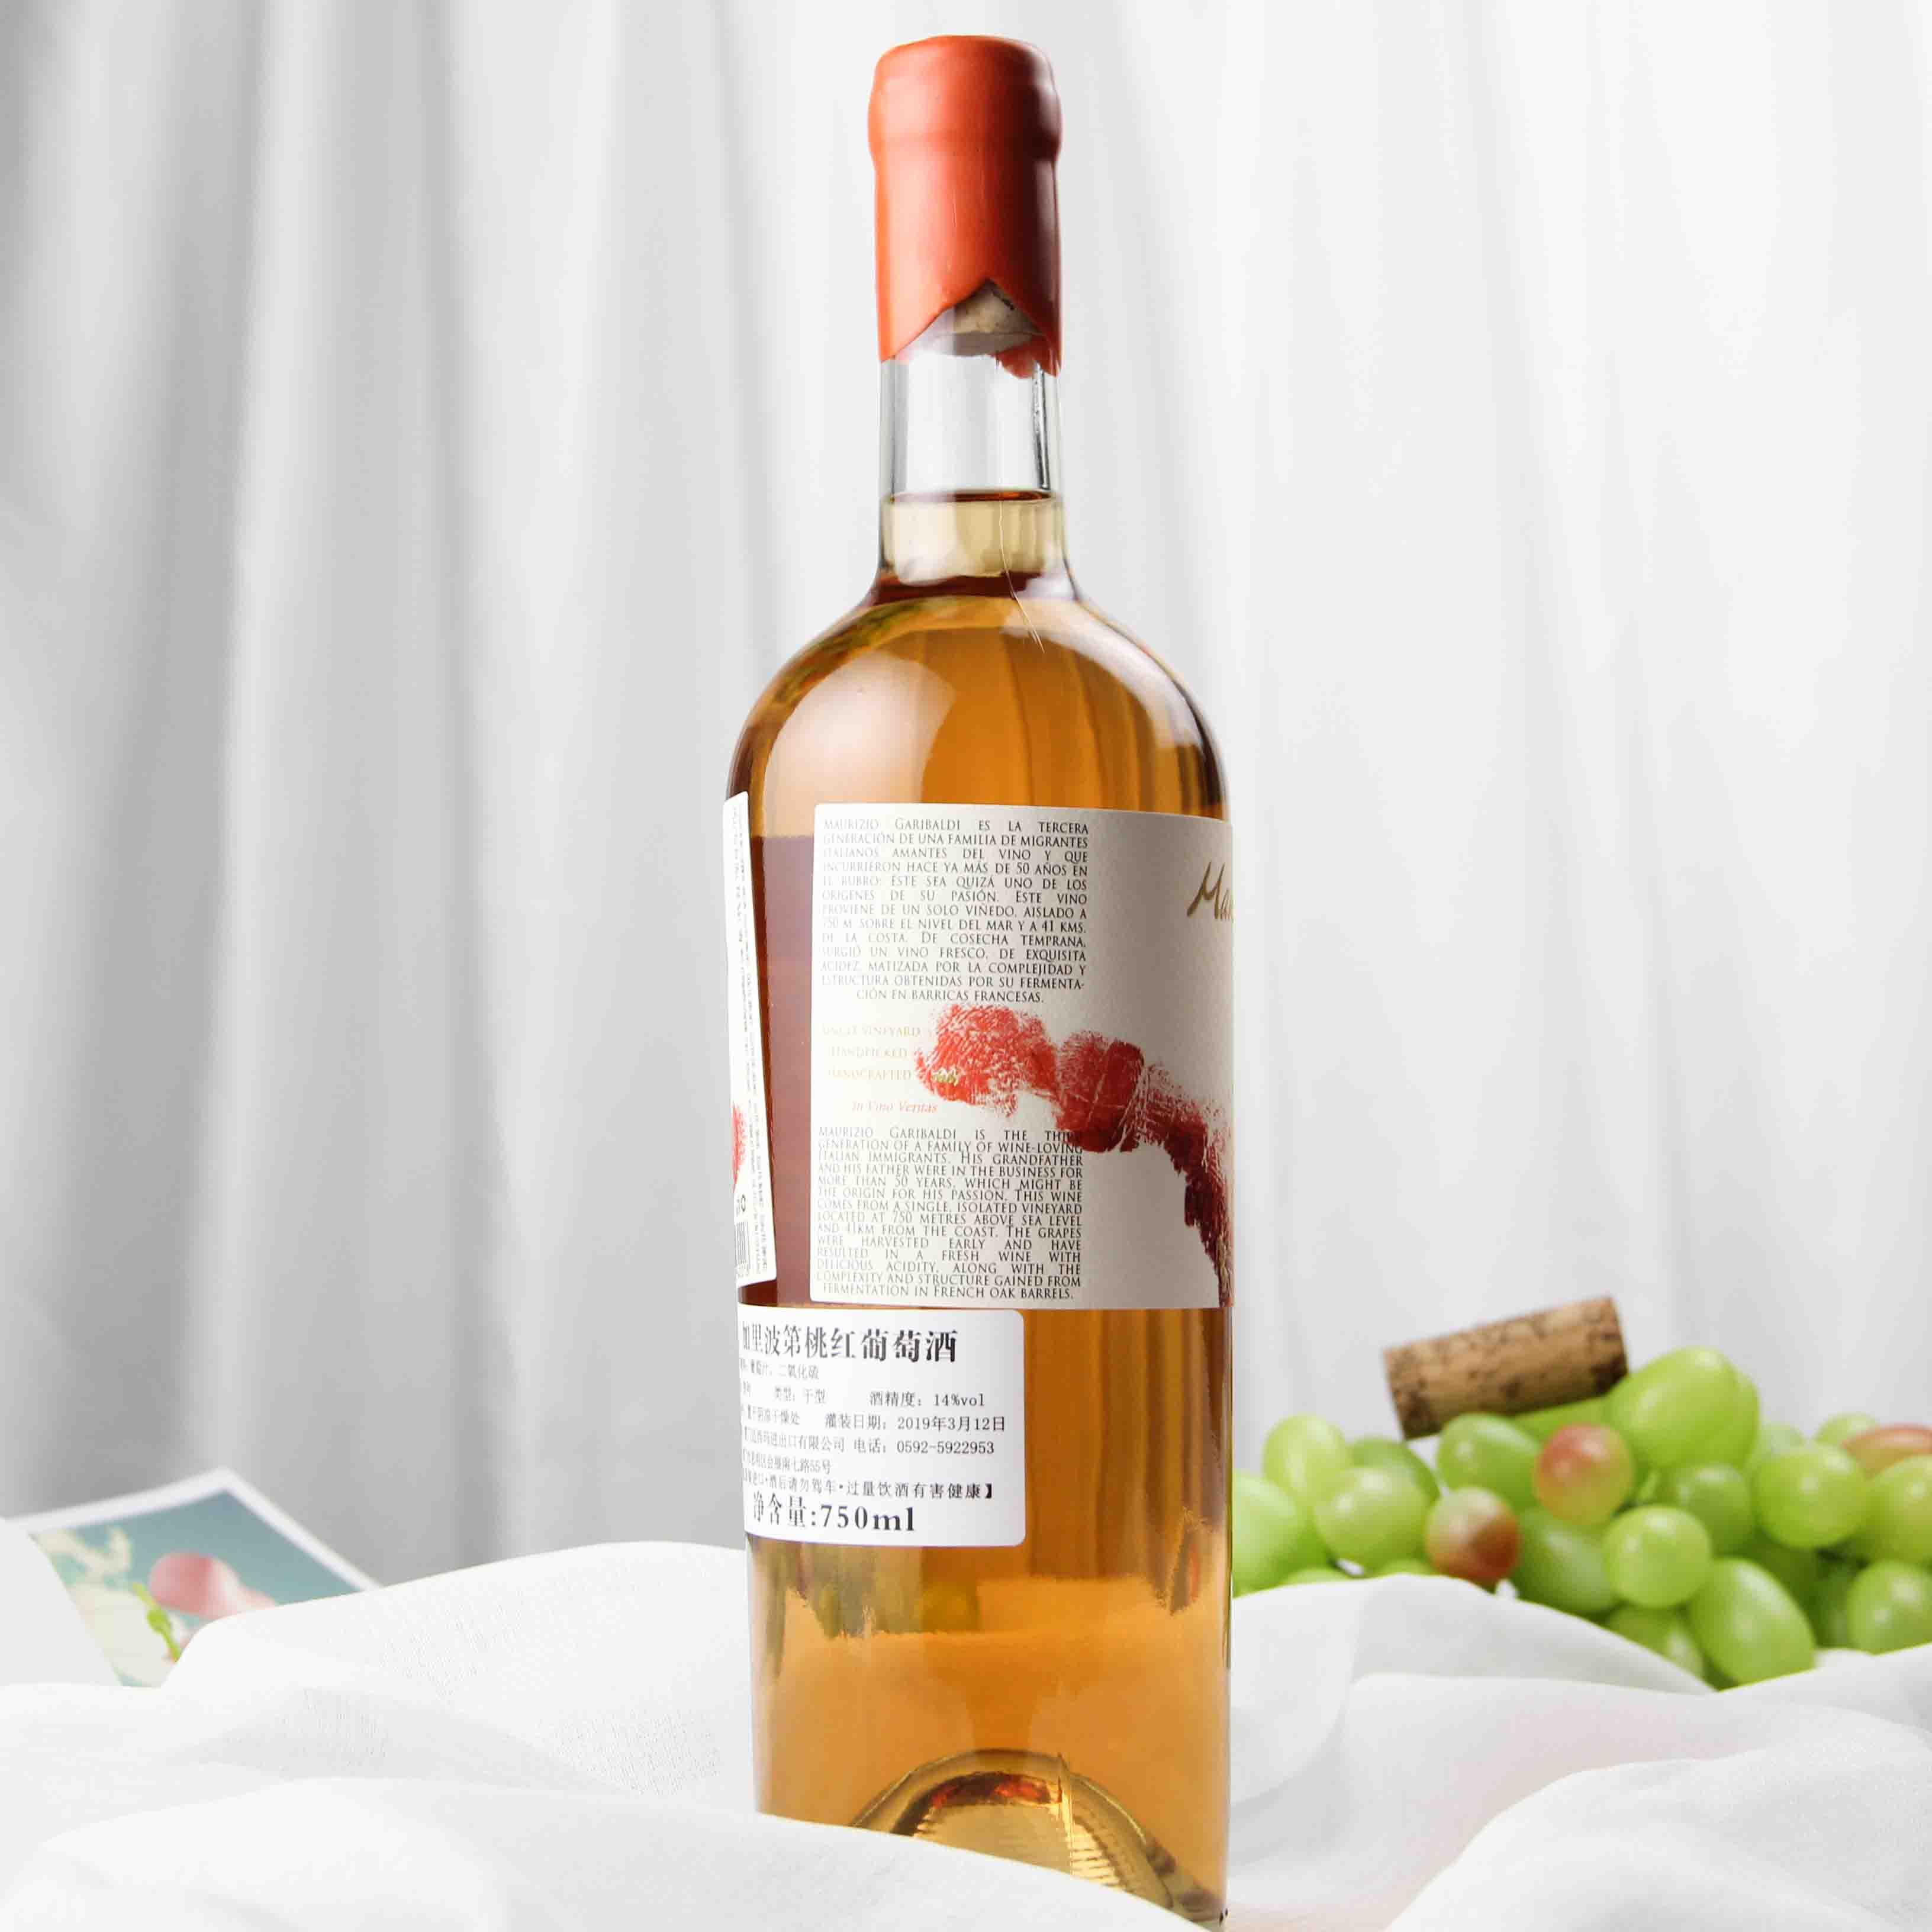 智利迈坡谷加里波第桃红葡萄酒